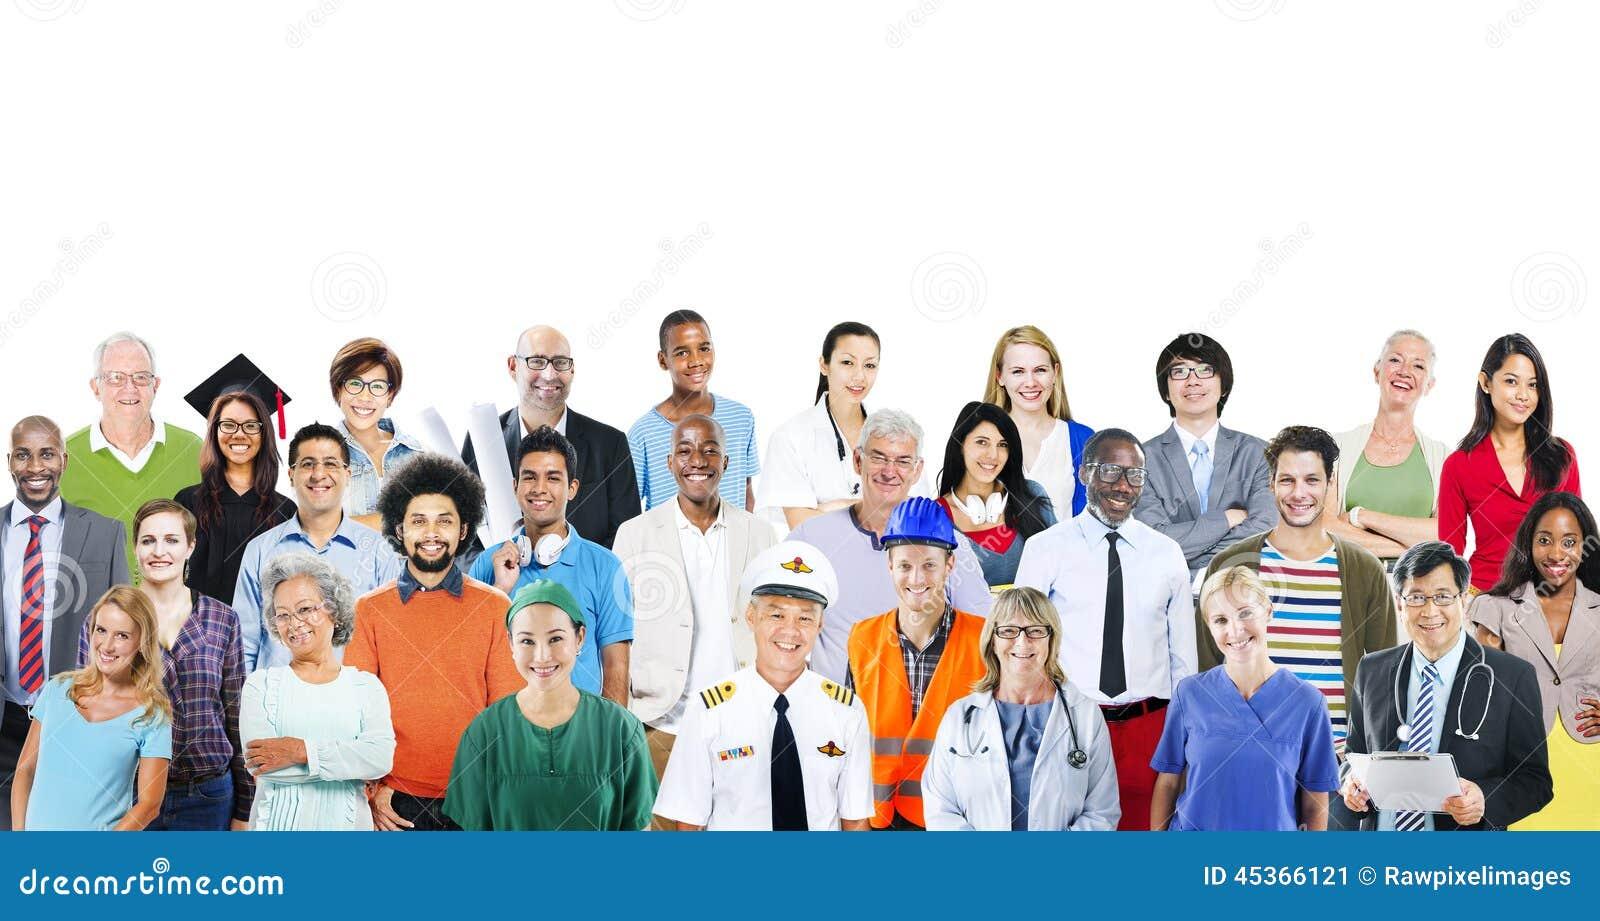 Groupe de personnes multi-ethniques diverses avec différents travaux